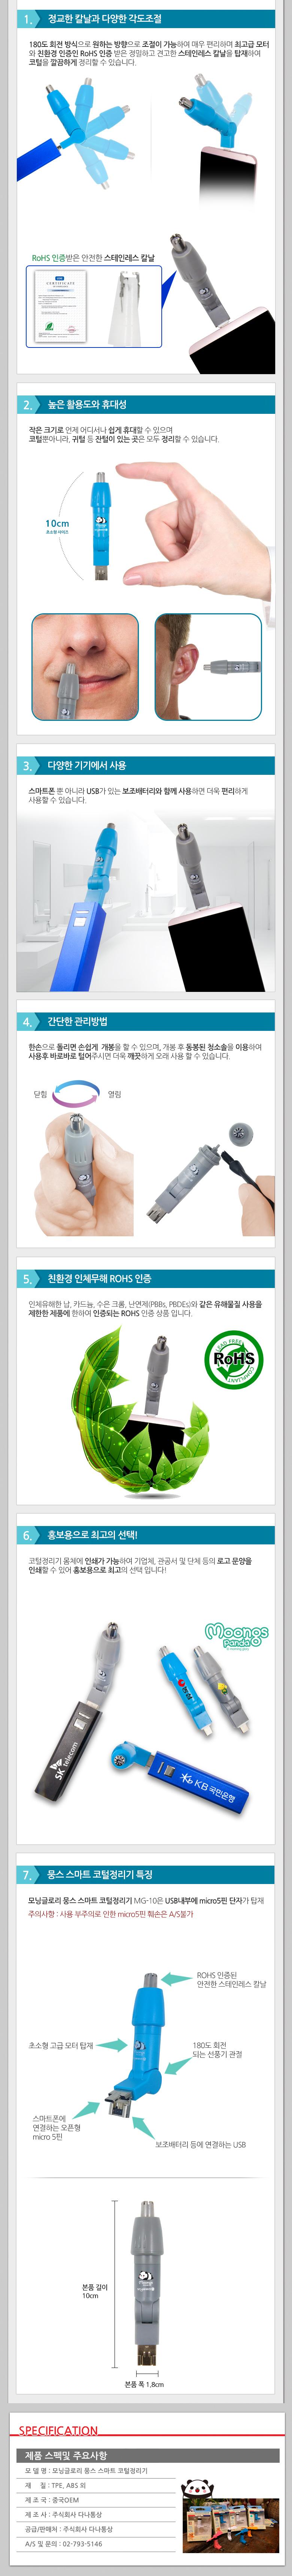 모닝글로리 뭉스 스마트폰 코털정리기 USB 8핀 5핀 C타입 - 토도스몰, 8,900원, 제모기, 코털정리기